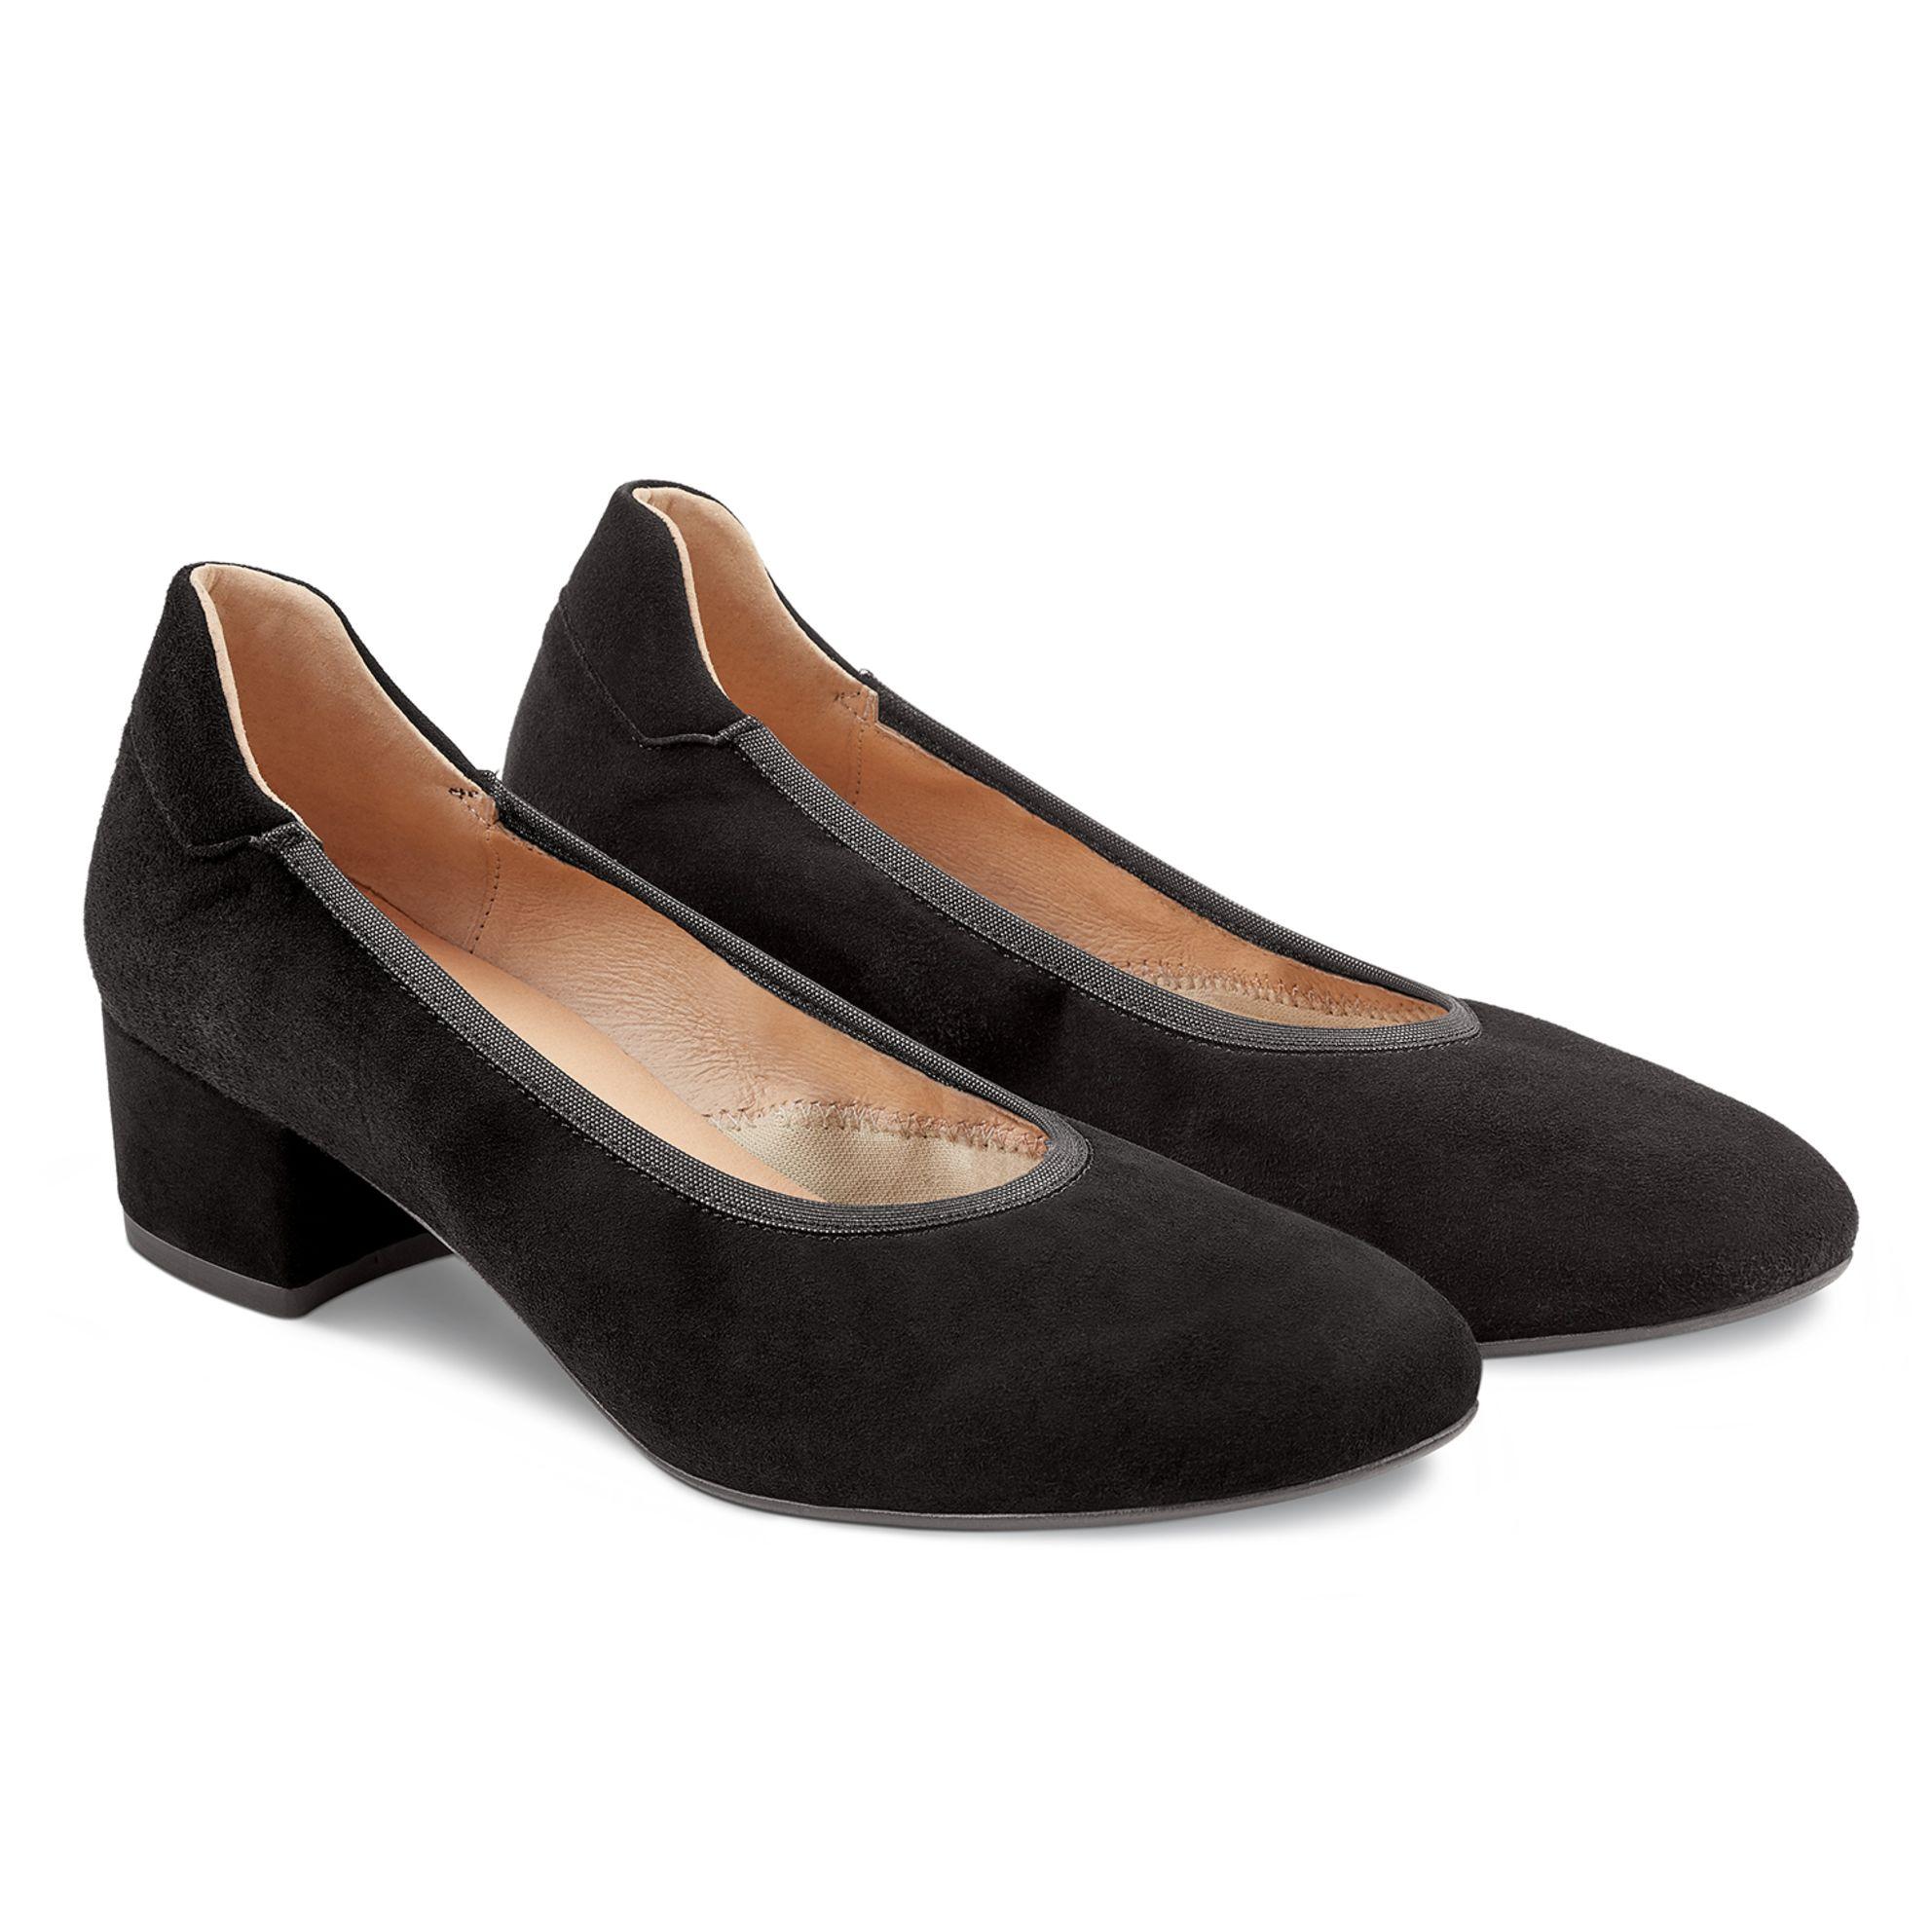 Pumps auf Blockabsatz Schwarz – modischer und bequemer Schuh für Hallux valgus und empfindliche Füße von LaShoe.de